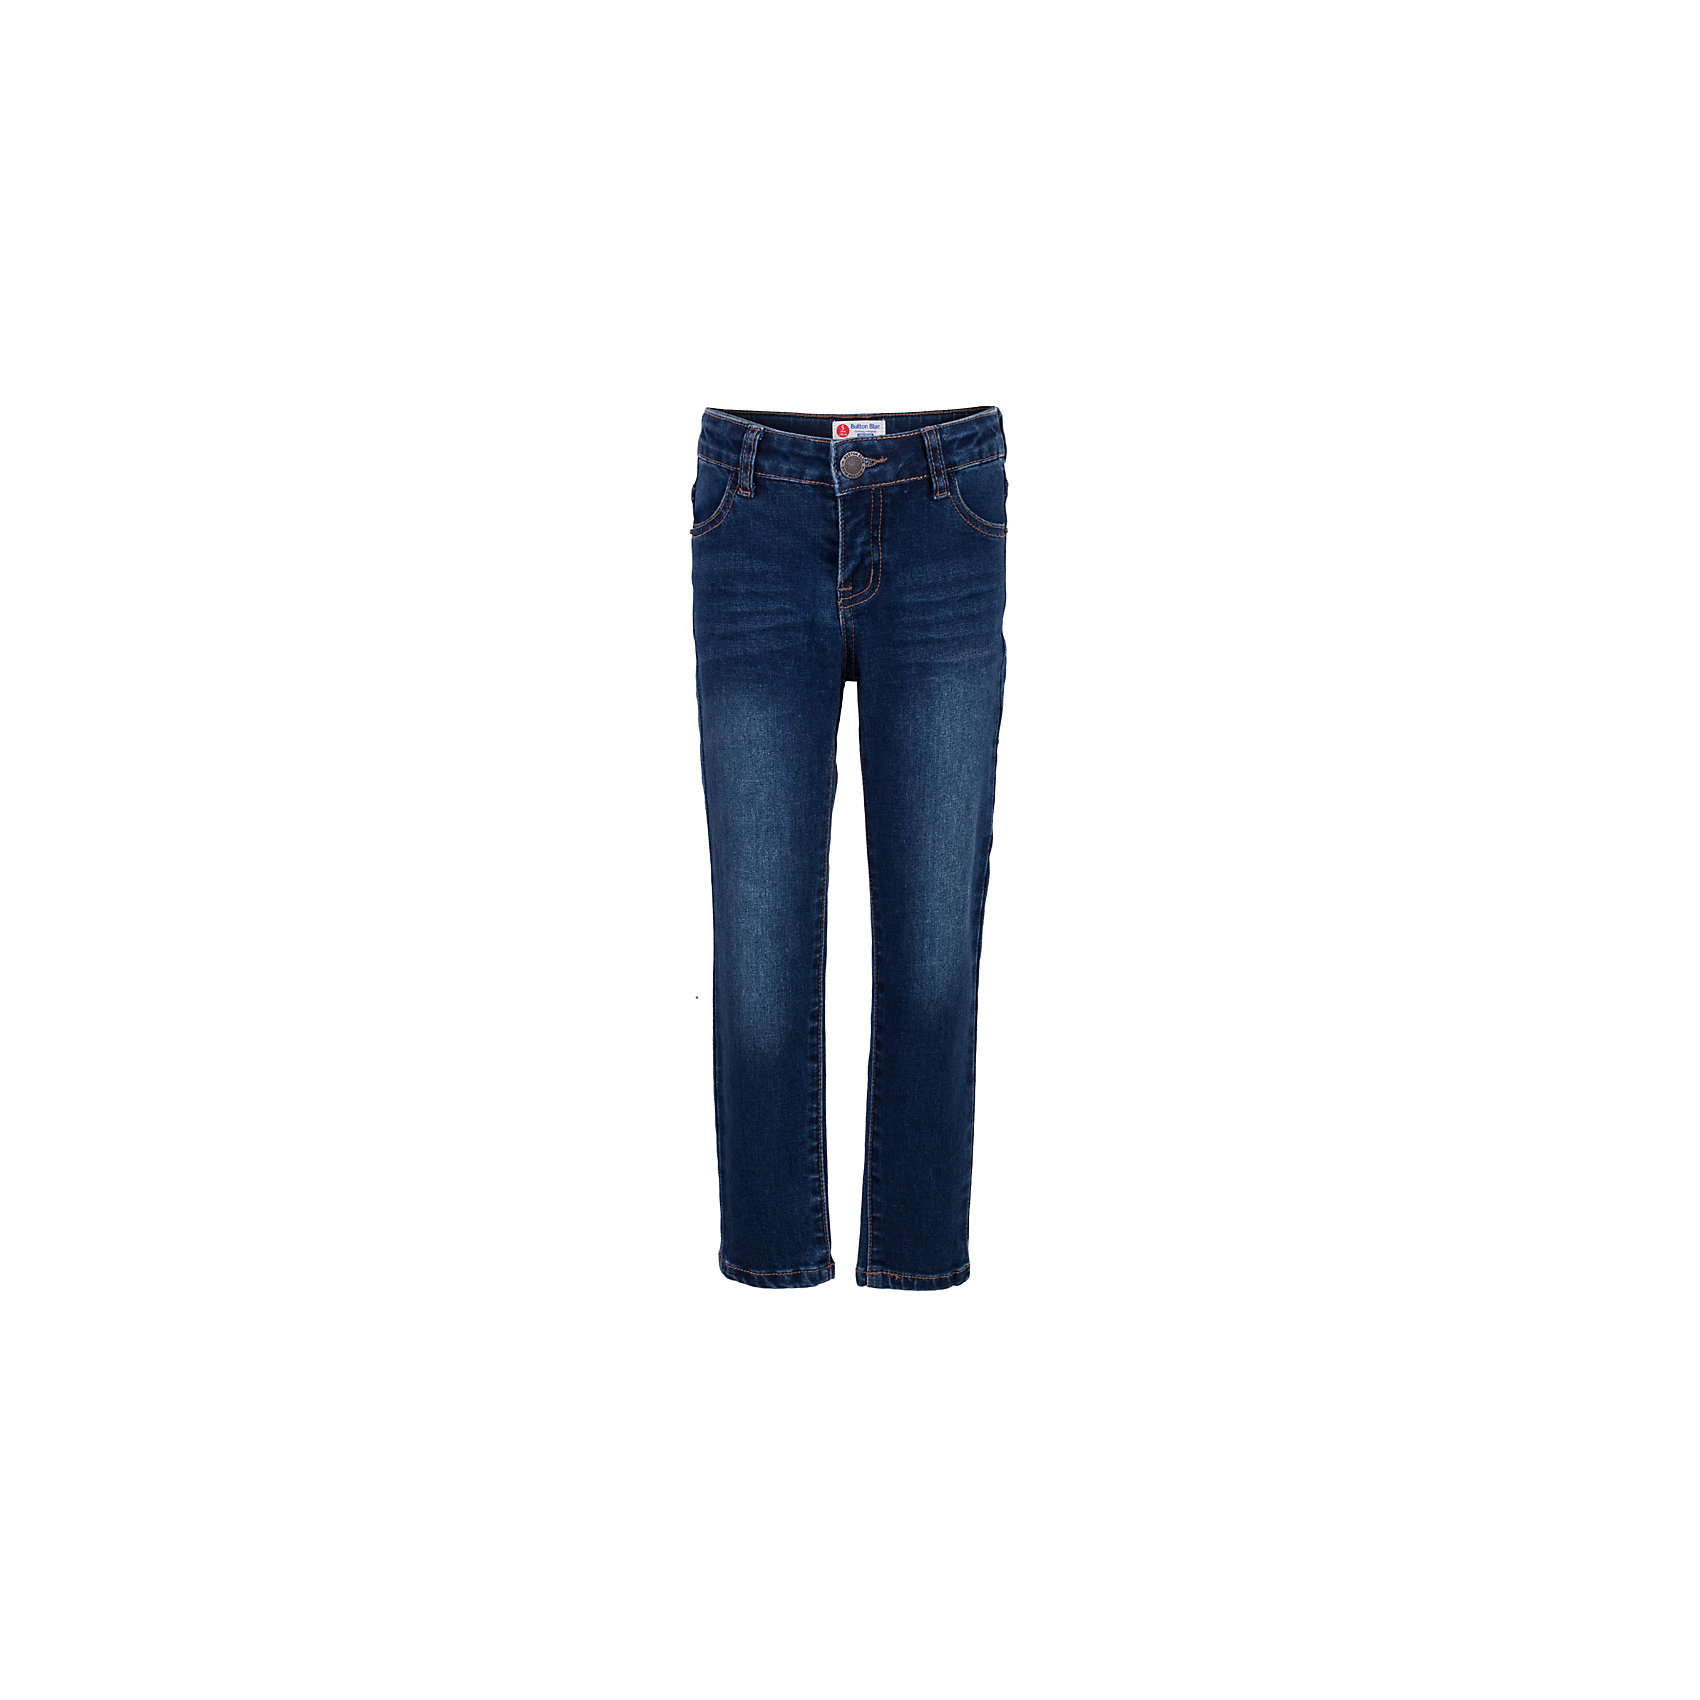 Джинсы для мальчика  BUTTON BLUEДжинсы для мальчика  BUTTON BLUE<br>Классные синие джинсы с потертостями и повреждениями — гарантия модного современного образа! Хороший крой, удобная посадка на фигуре подарят мальчику комфорт и свободу движений. Если вы хотите купить ребенку недорогие модные зауженные джинсы, модель от Button Blue - прекрасный выбор!<br>Состав:<br>75% хлопок 23%полиэстер 2%эластан<br><br>Ширина мм: 215<br>Глубина мм: 88<br>Высота мм: 191<br>Вес г: 336<br>Цвет: синий<br>Возраст от месяцев: 144<br>Возраст до месяцев: 156<br>Пол: Мужской<br>Возраст: Детский<br>Размер: 158,98,104,110,116,122,128,134,140,146,152<br>SKU: 5524710